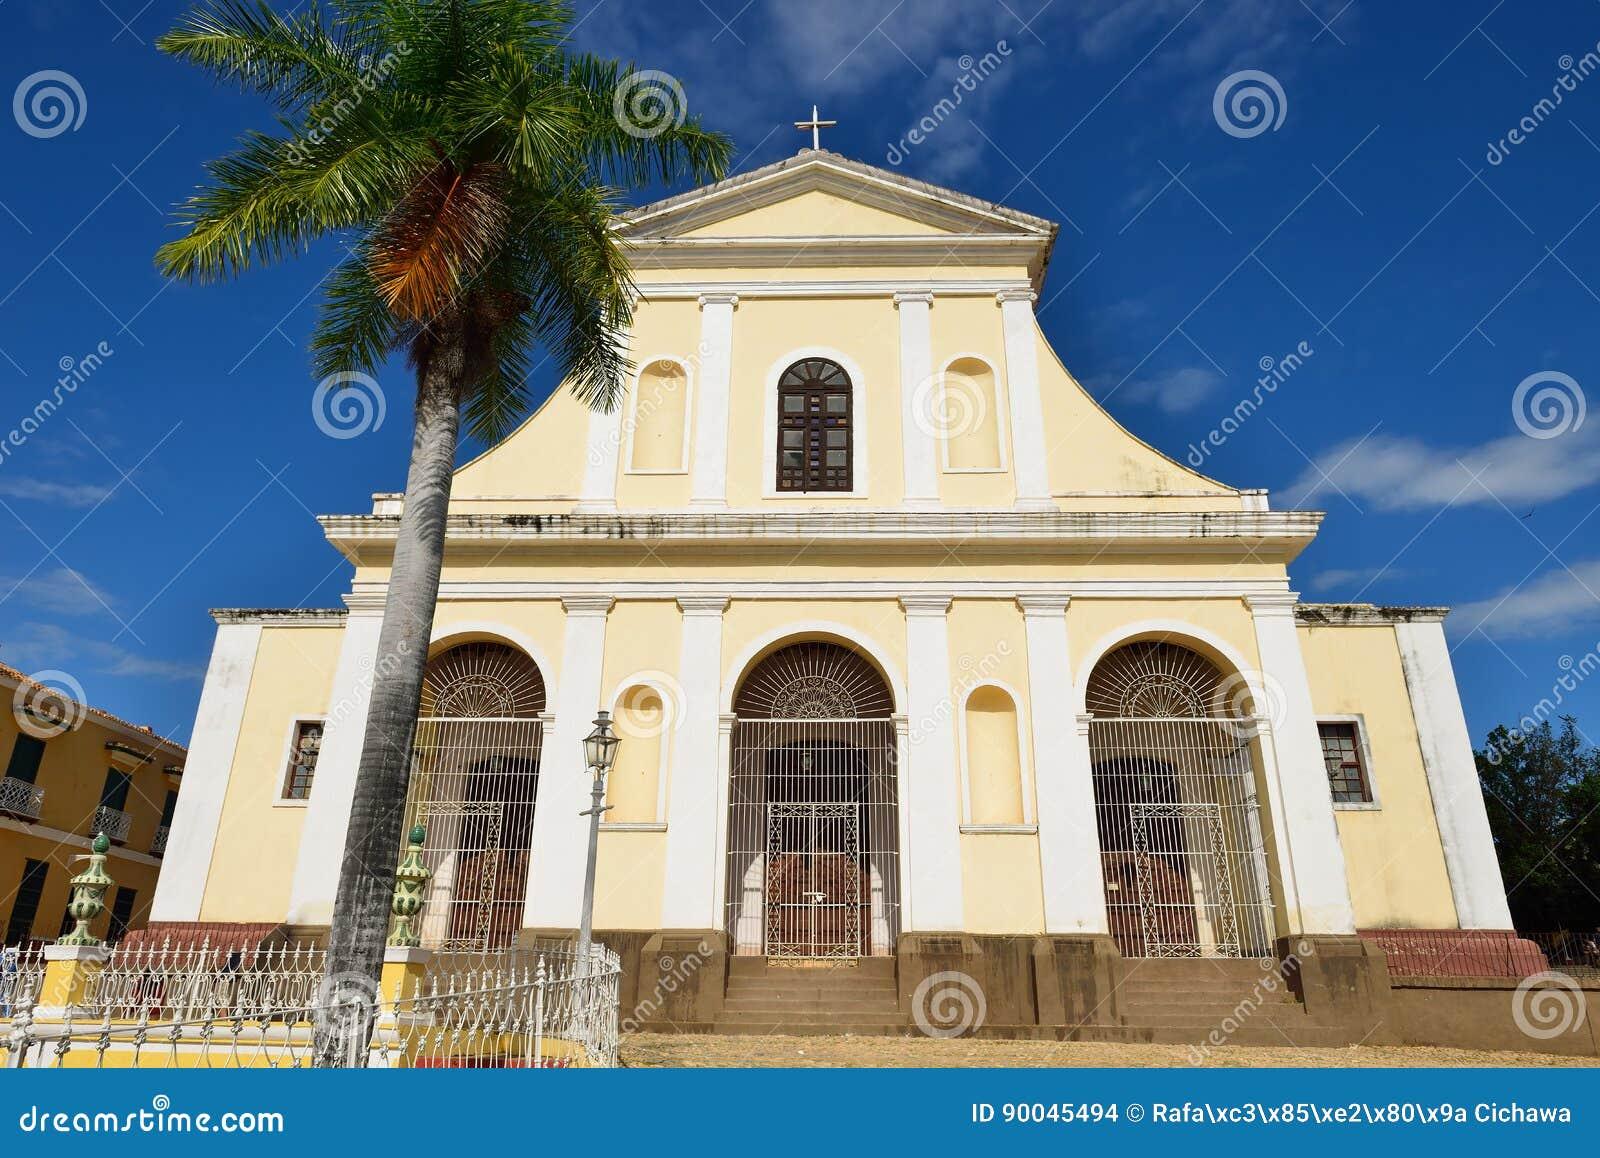 Église de la trinité sainte au Trinidad, Cuba